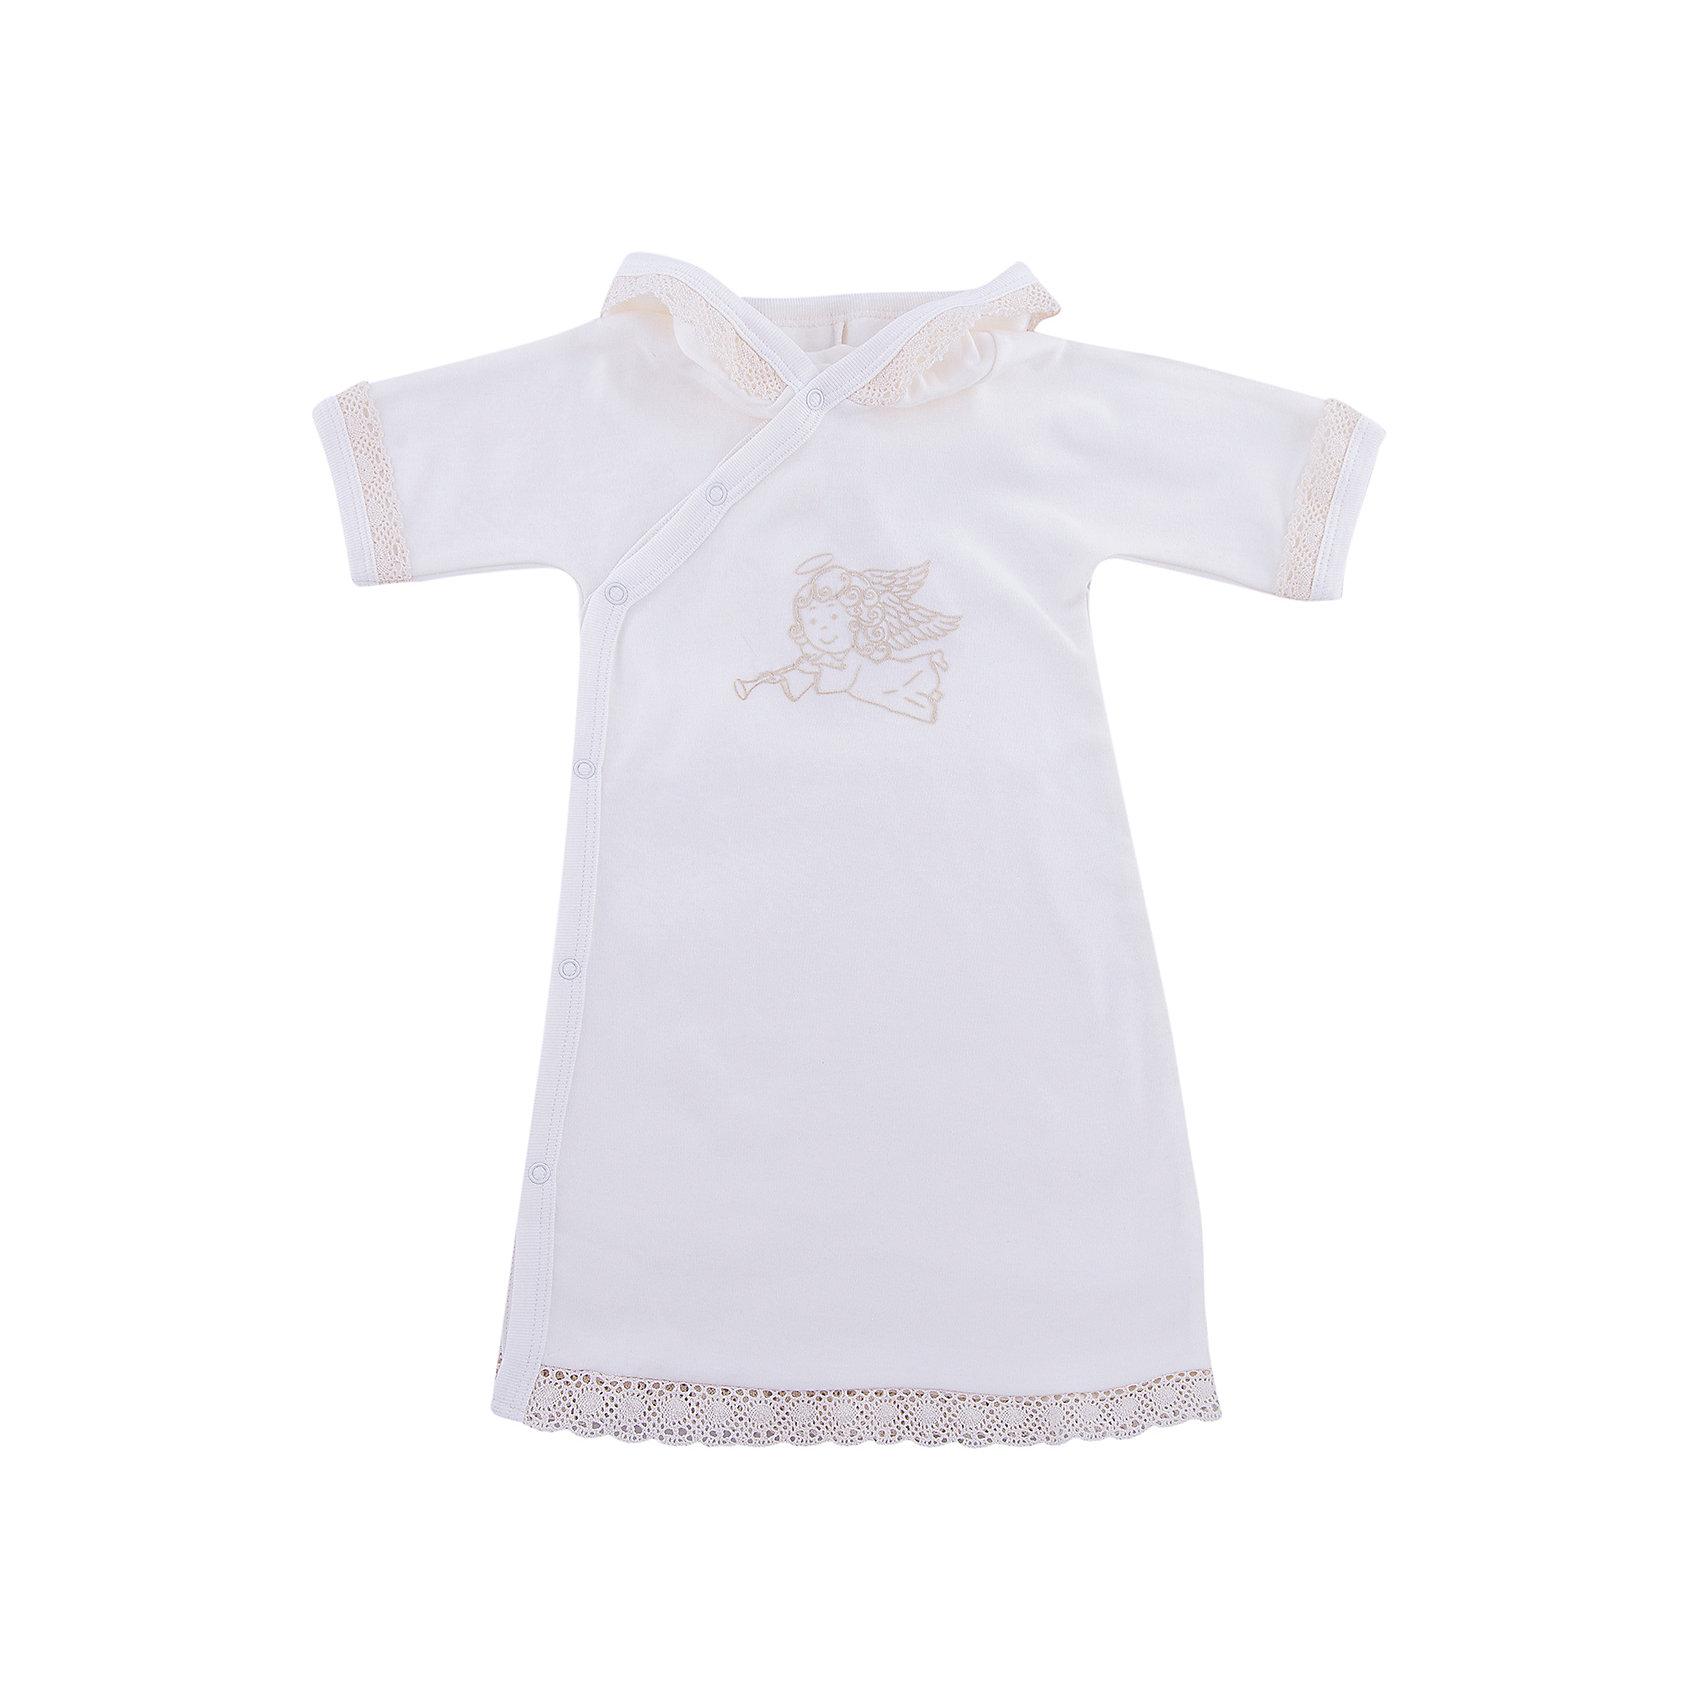 Крестильная рубашка с тесьмой, р-р 68, NewBorn, белыйХарактеристики:<br><br>• Вид детской одежды: рубашка<br>• Предназначение: для крещения<br>• Коллекция: NewBorn<br>• Сезон: круглый год<br>• Пол: для мальчика<br>• Тематика рисунка: ангелы<br>• Размер: 68<br>• Цвет: белый, золотистый<br>• Материал: трикотаж, хлопок<br>• Длина рукава: короткие<br>• Застежка: сзади на кнопке<br>• Декорирована широкой тесьмой золотистого цвета<br>• Передняя полочка украшена термонаклейкой в виде ангела и тесьмой<br>• Особенности ухода: допускается деликатная стирка без использования красящих и отбеливающих средств<br><br>Крестильная рубашка с тесьмой, р-р 68, NewBorn, белый из коллекции NewBorn от отечественного швейного производства ТексПром предназначено для создания праздничного образа мальчика во время торжественного обряда крещения. Рубашка представлена в коллекции NewBorn, которая сочетает в себе классические и современные тенденции в мире моды для новорожденных, при этом при технологии изготовления детской одежды сохраняются самые лучшие традиции: свободный крой, внешние швы и натуральные ткани. Рубашка с короткими рукавами и круглой горловиной, обработанной бейкой из трикотажа золотистого цвета. Застежка на кнопках предусмотрена на спинке, что обеспечивает ее легкое одевание. Праздничный образ создается за счет отделки рукавов, и передней полочки широким кружевом золотистого цвета и термонаклейки в виде ангела. <br><br>Крестильную рубашку с тесьмой, р-р 68, NewBorn, белый можно купить в нашем интернет-магазине.<br><br>Ширина мм: 220<br>Глубина мм: 5<br>Высота мм: 400<br>Вес г: 200<br>Возраст от месяцев: 3<br>Возраст до месяцев: 6<br>Пол: Унисекс<br>Возраст: Детский<br>SKU: 4912511